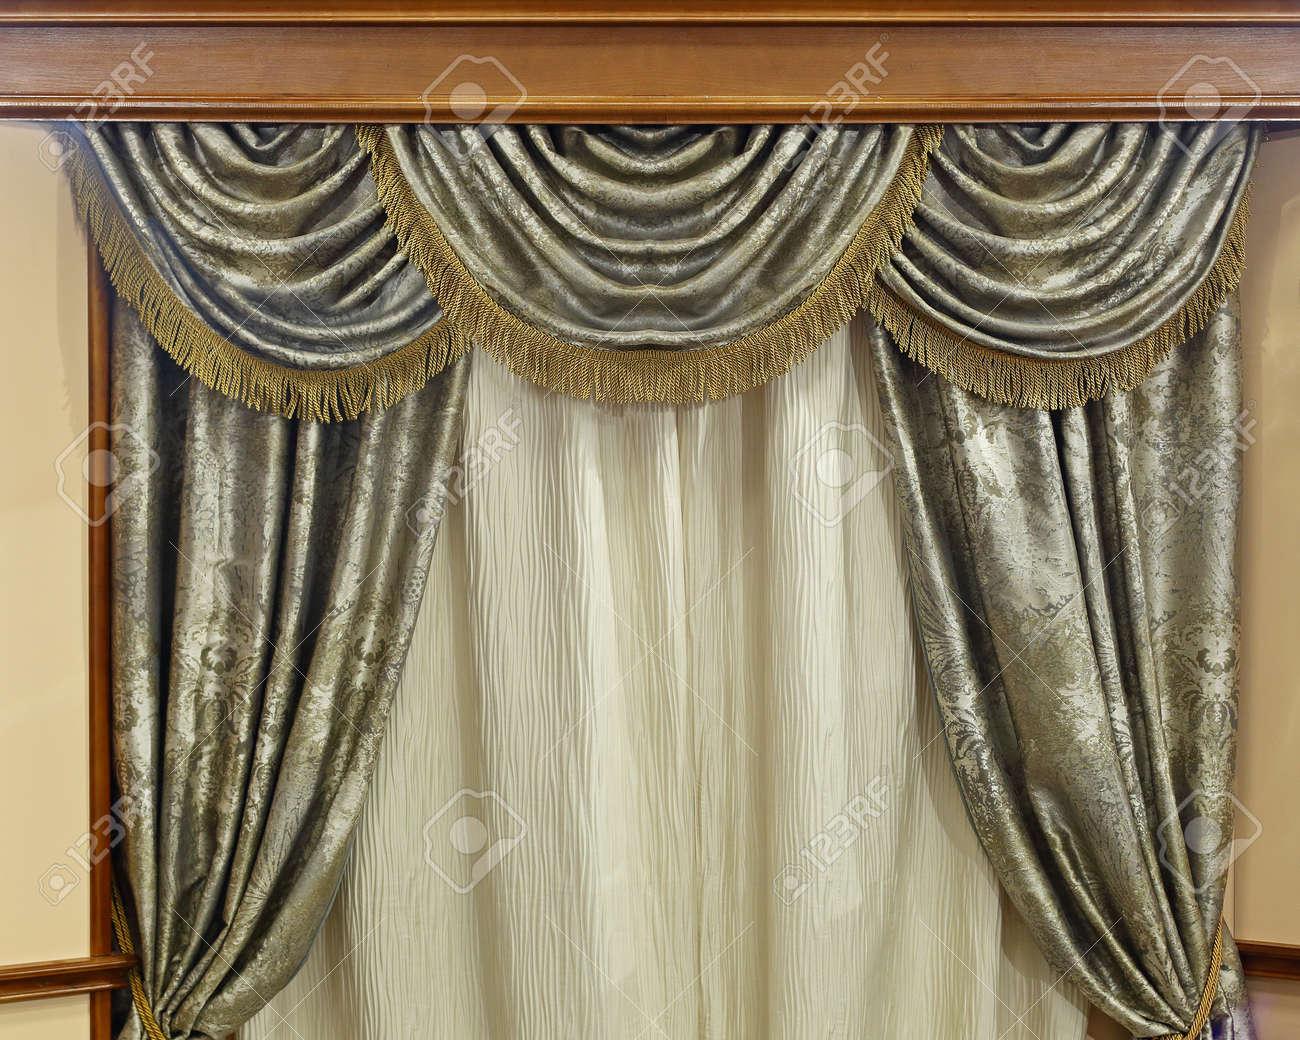 cortinas de lujo en casa interior estilo rstico foto de archivo